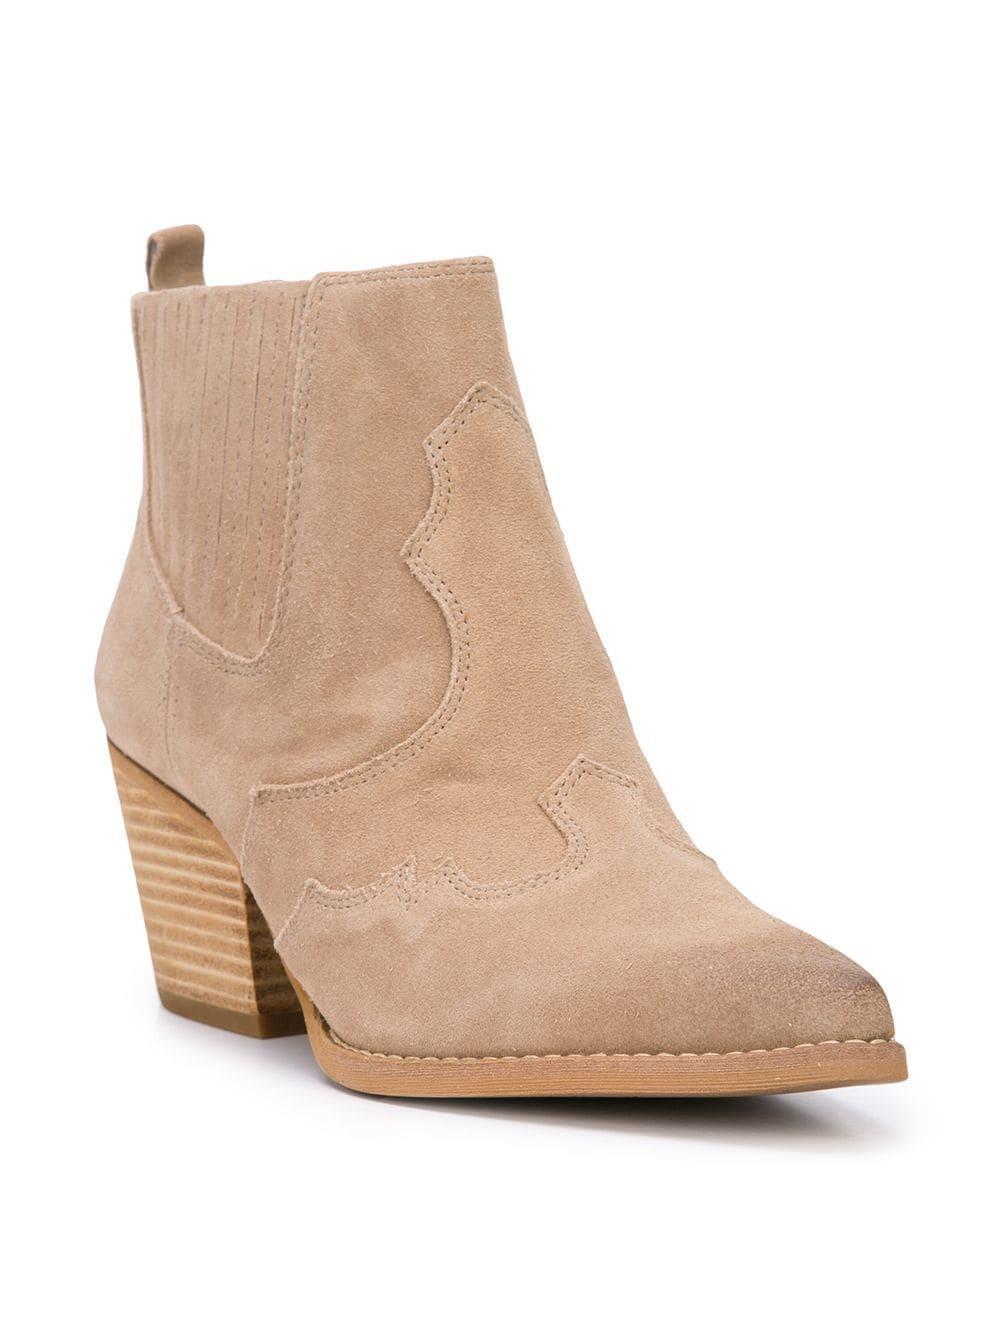 8f2a51d3c6642 Sam Edelman - Multicolor Winona Western Boots - Lyst. View fullscreen